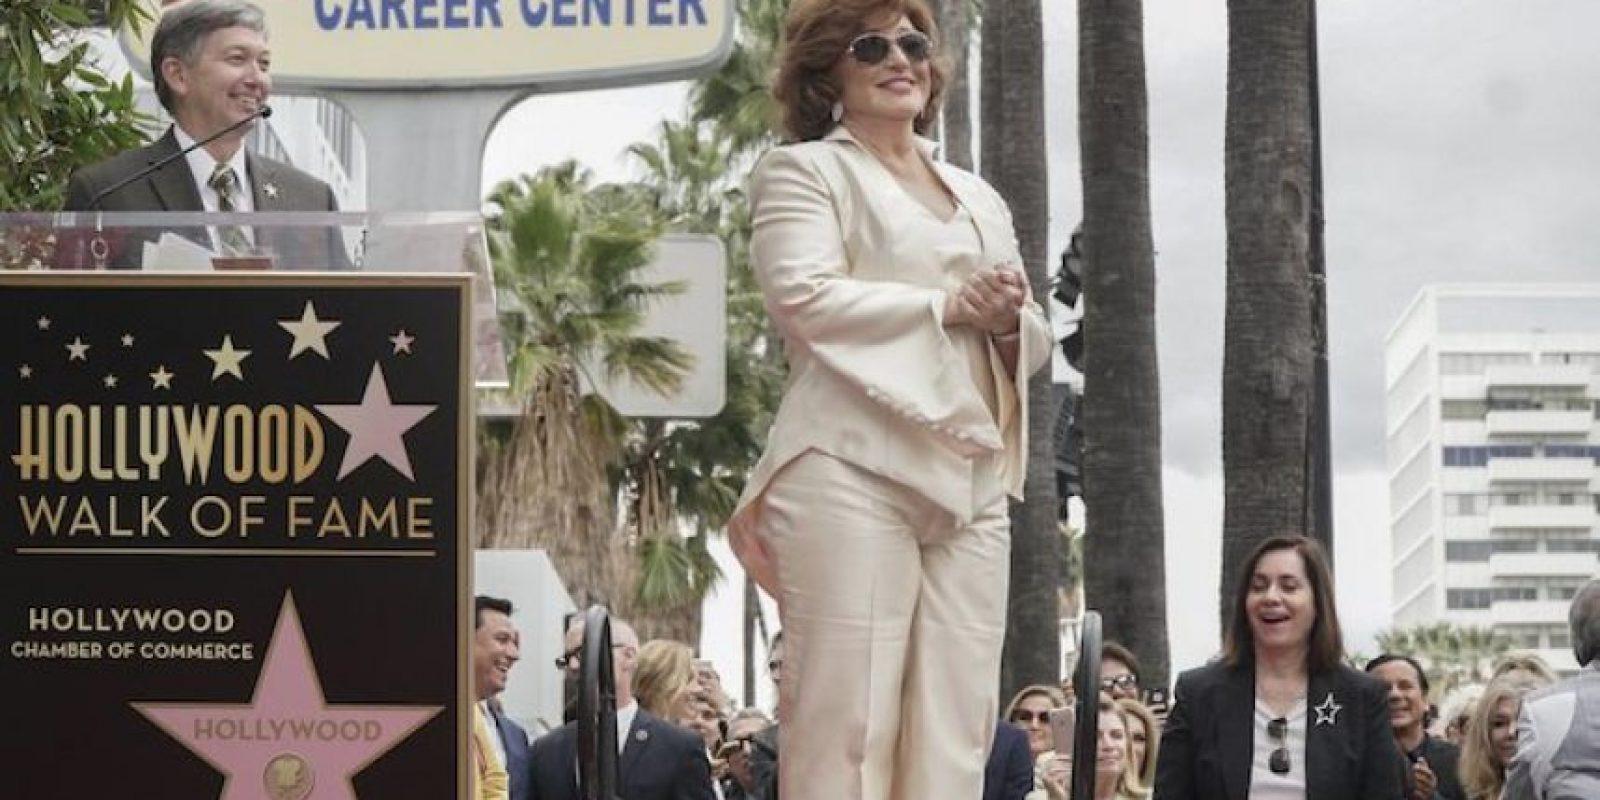 En 2008, Angélica María ganó el premio a la trayectoria musical en la entrega de los Grammy Latino. Foto:Notimex